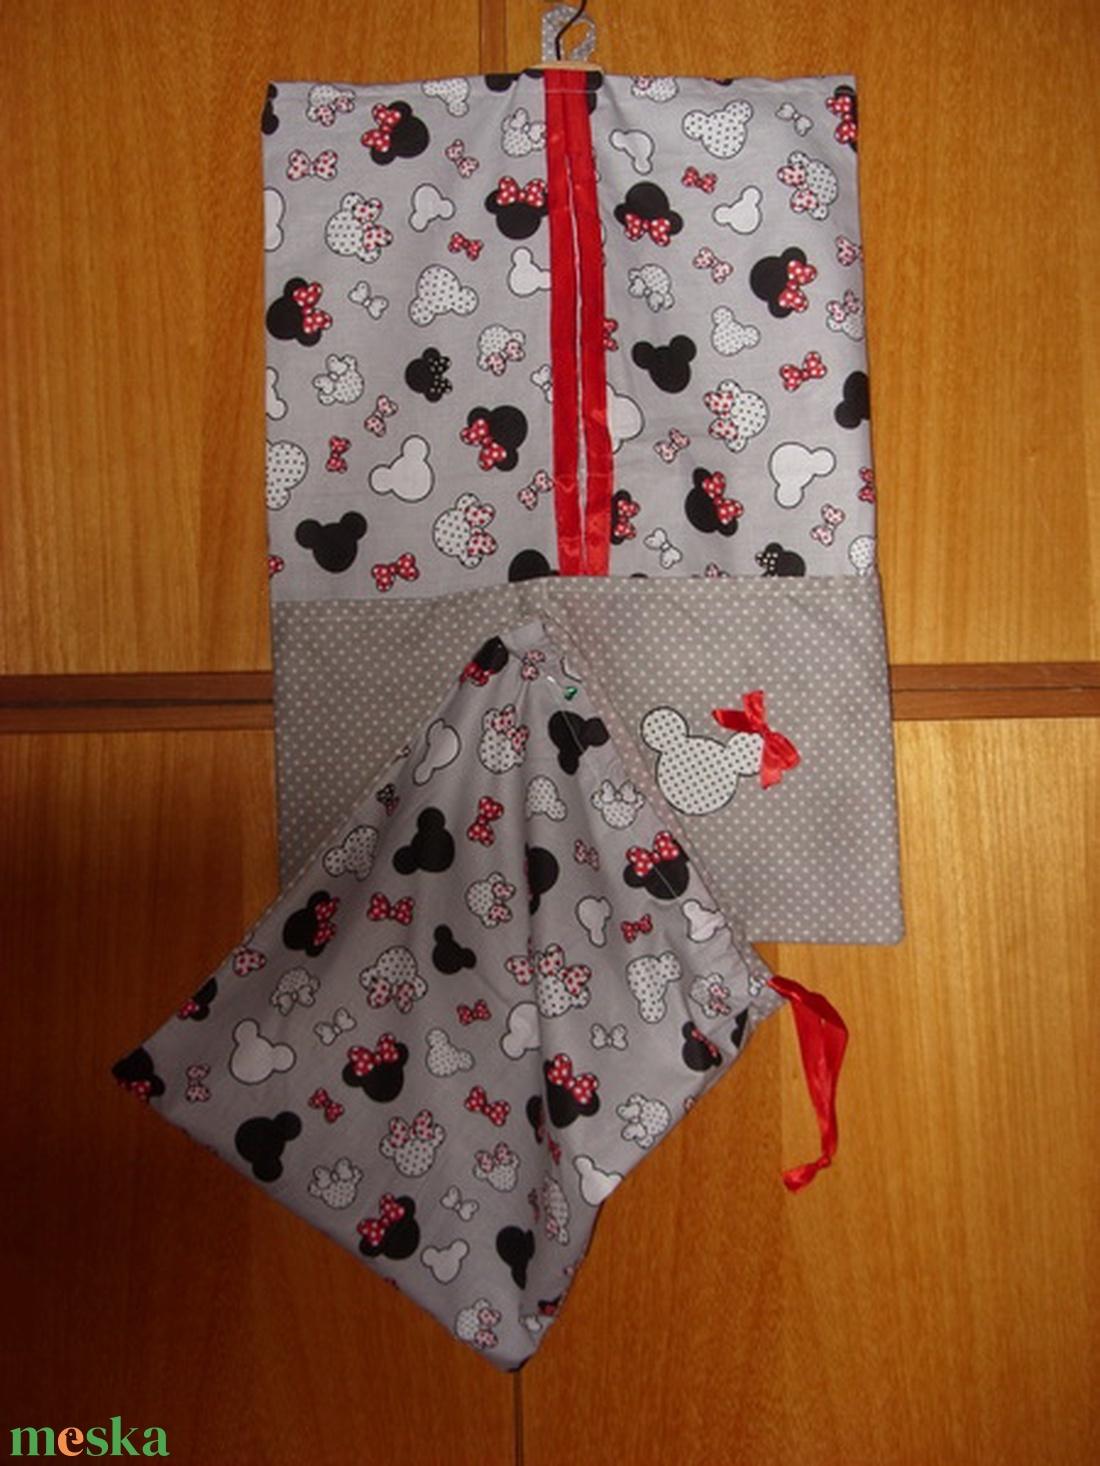 2 db-os csajos vállfás ovis ruha- és tornazsák szett   100% design pamut - ökotex kombó - játék & gyerek - Meska.hu